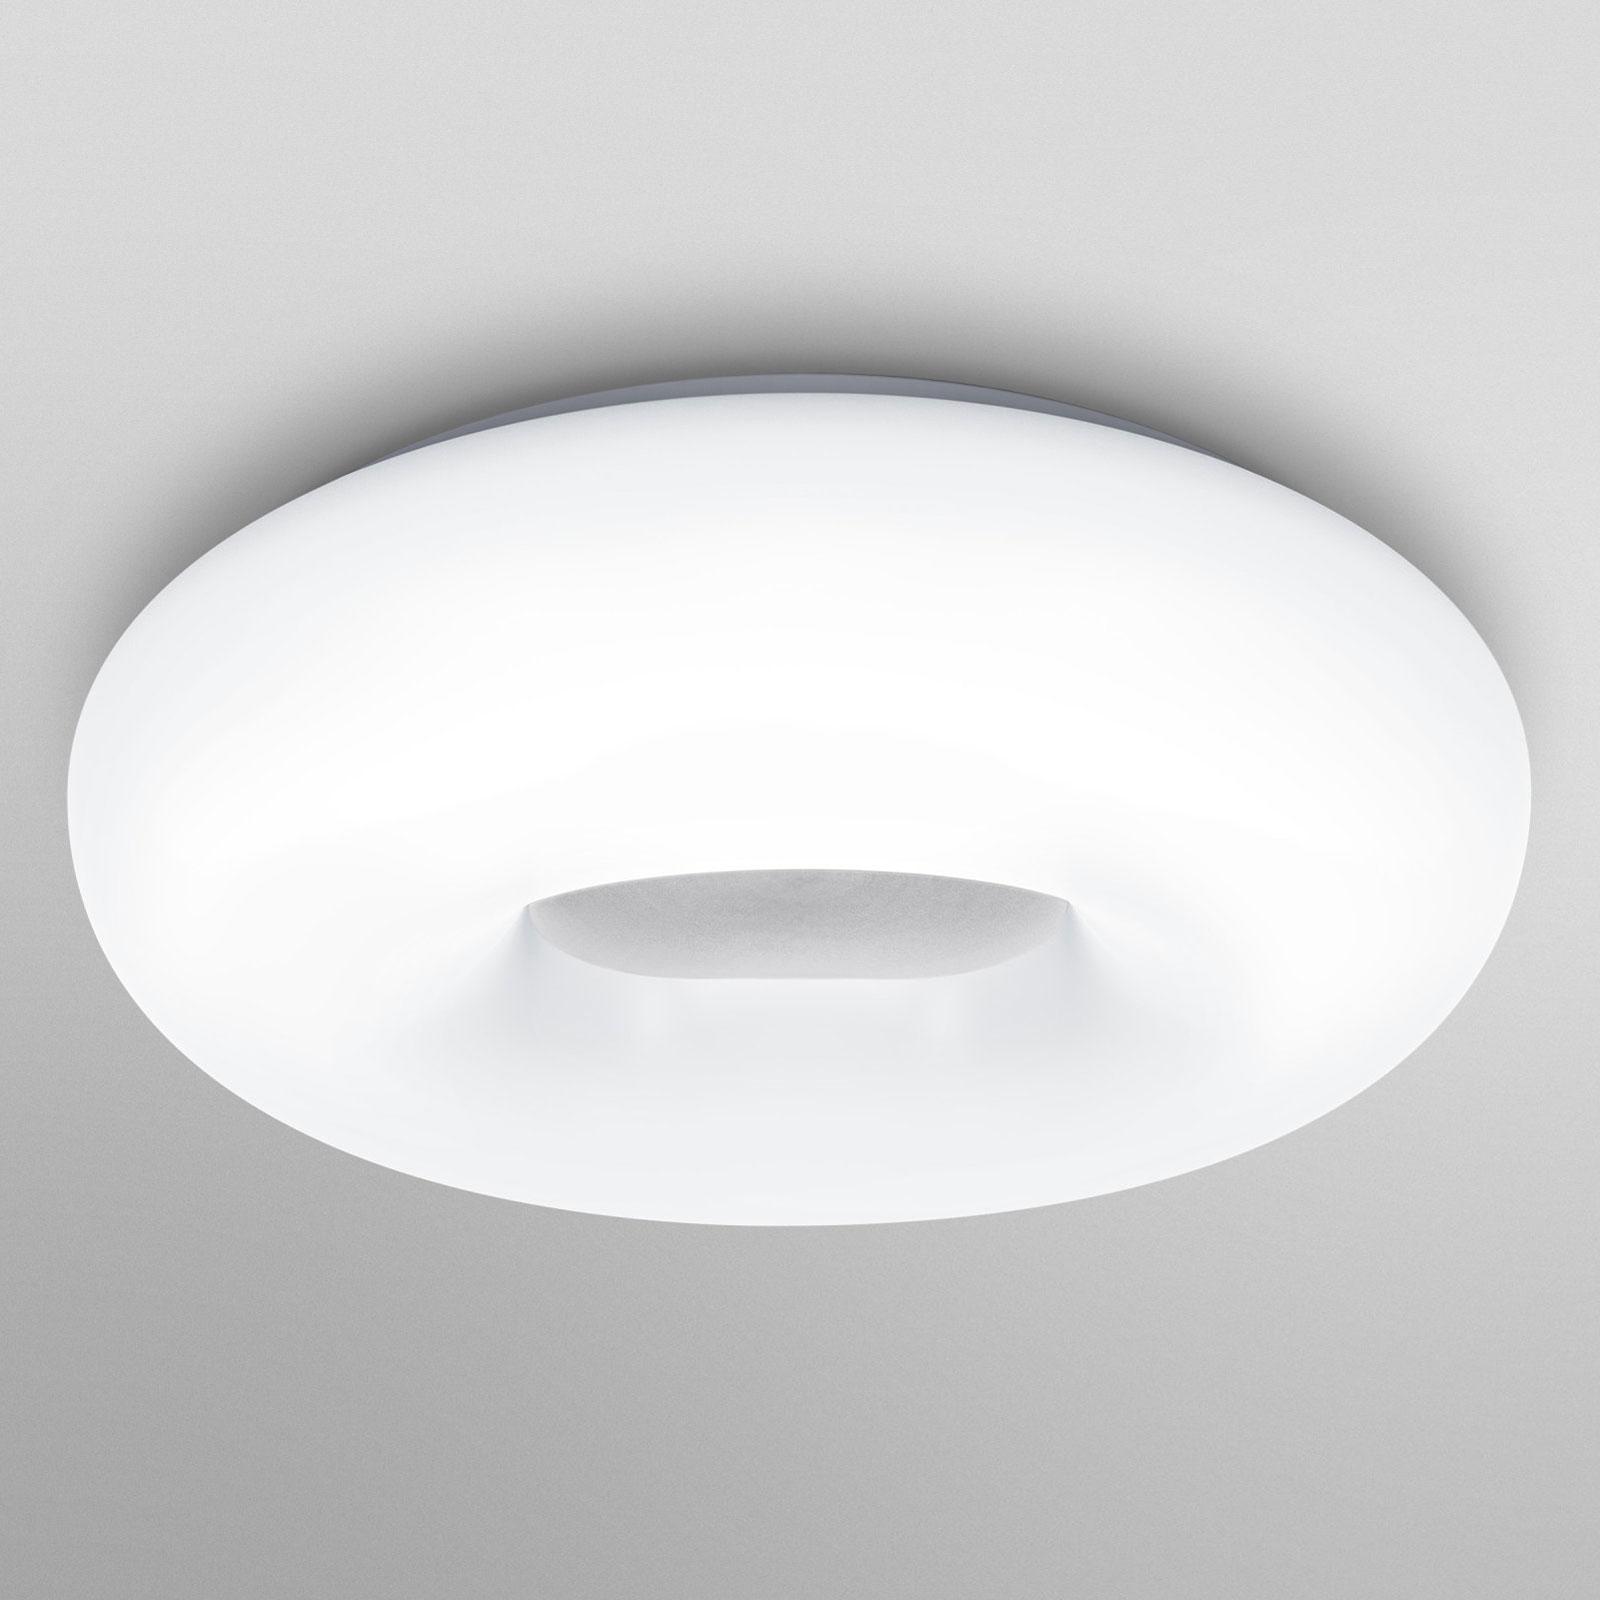 LEDVANCE SMART+ WiFi Orbis Donut 3000-6500K 40cm